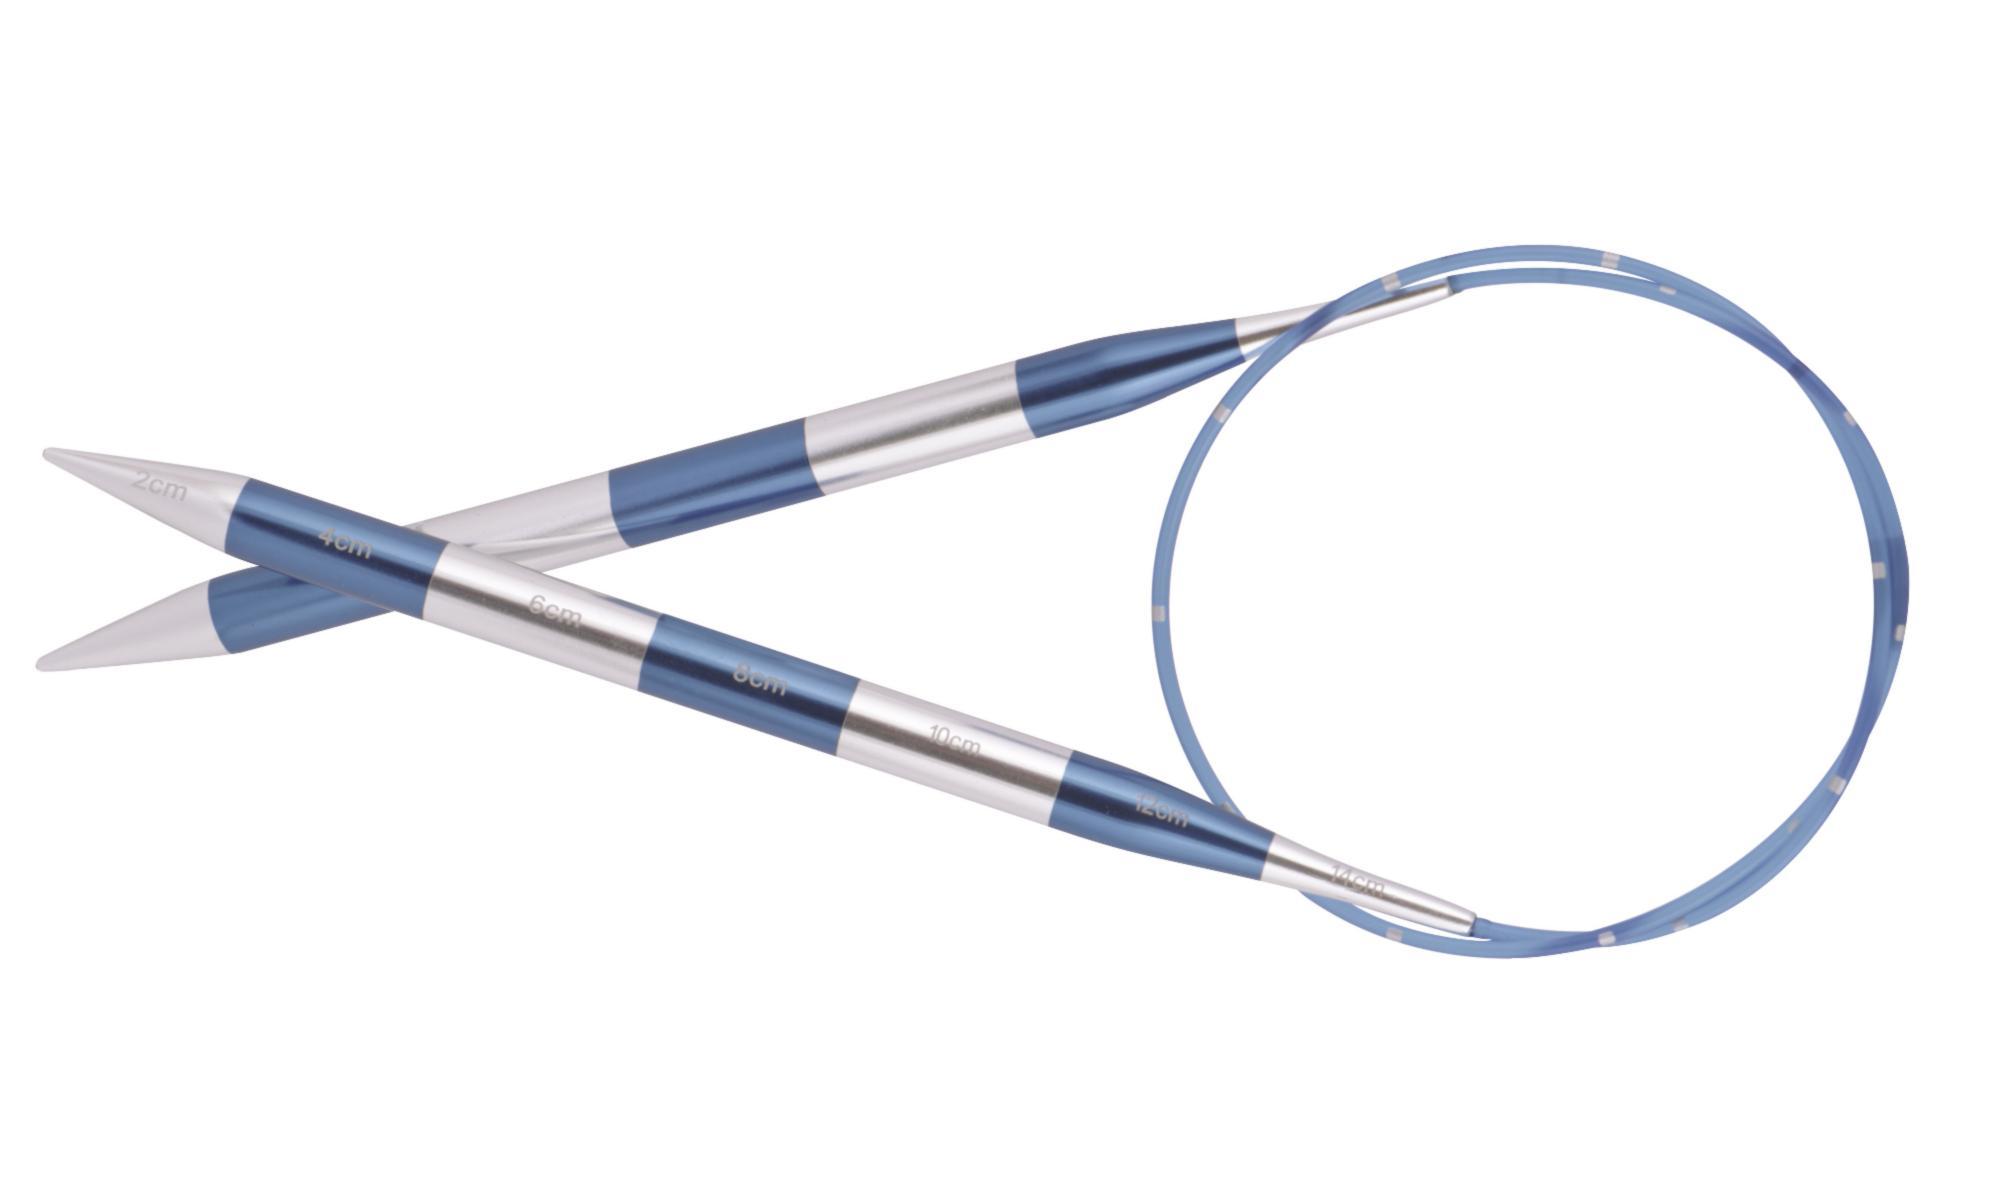 42066 Спицы круговые 3.25 мм - 60 см Smartstix KnitPro